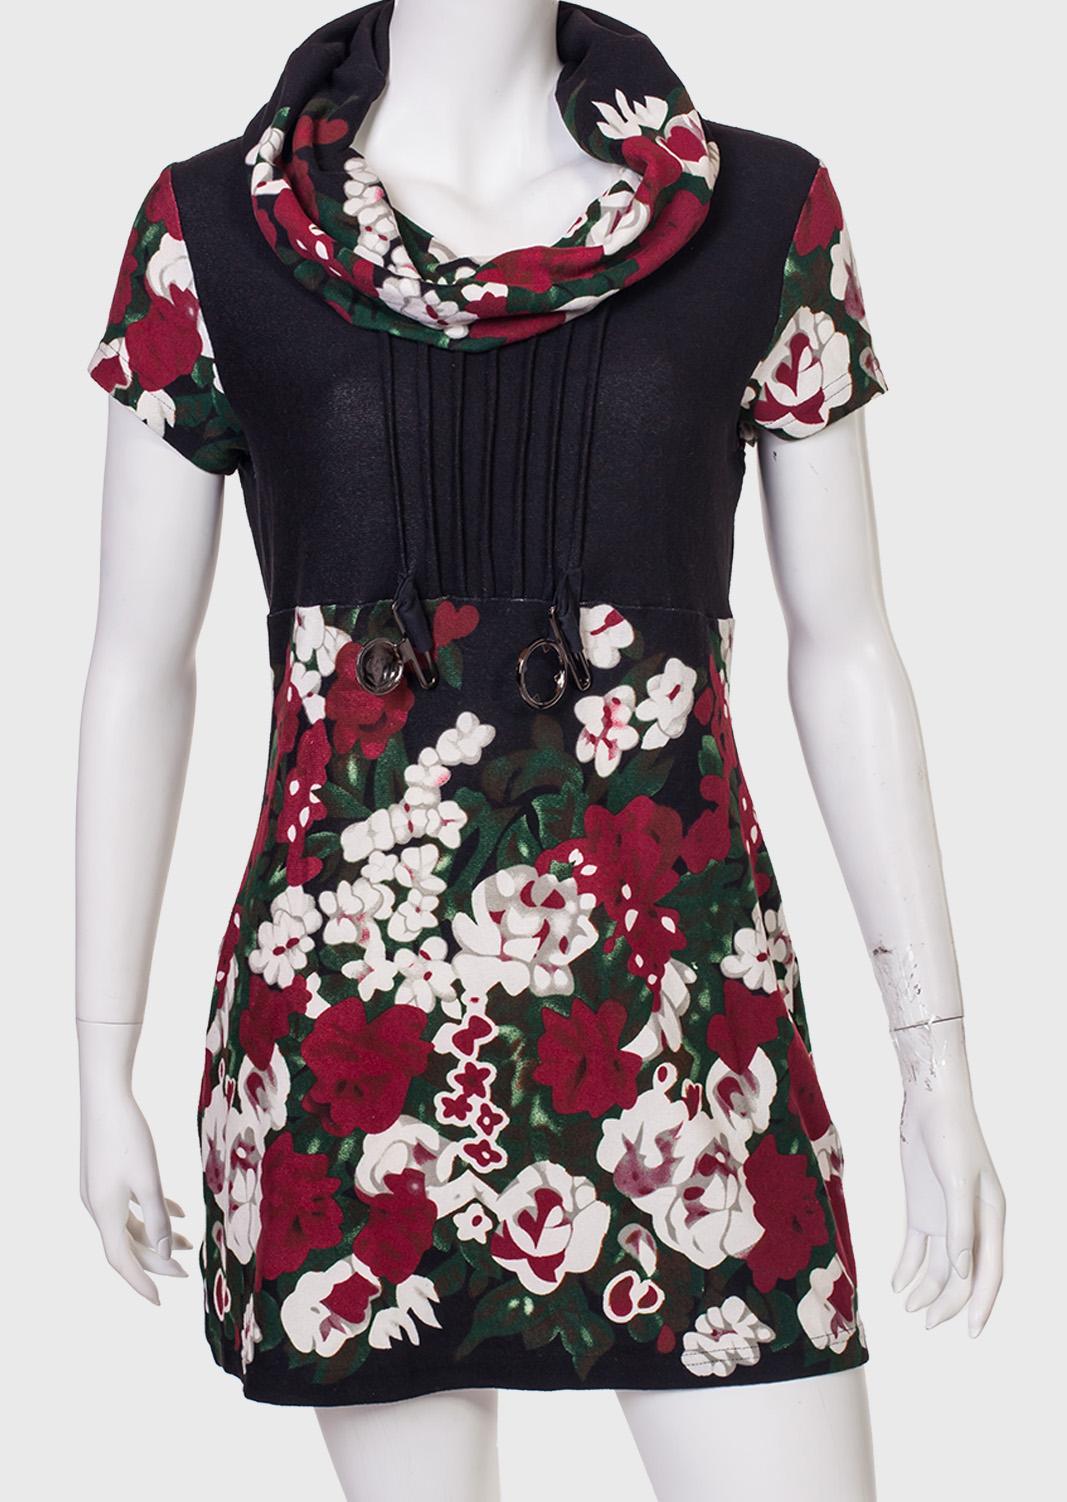 Купить элегантное платье с оригинальной отделкой от LE GRENIER